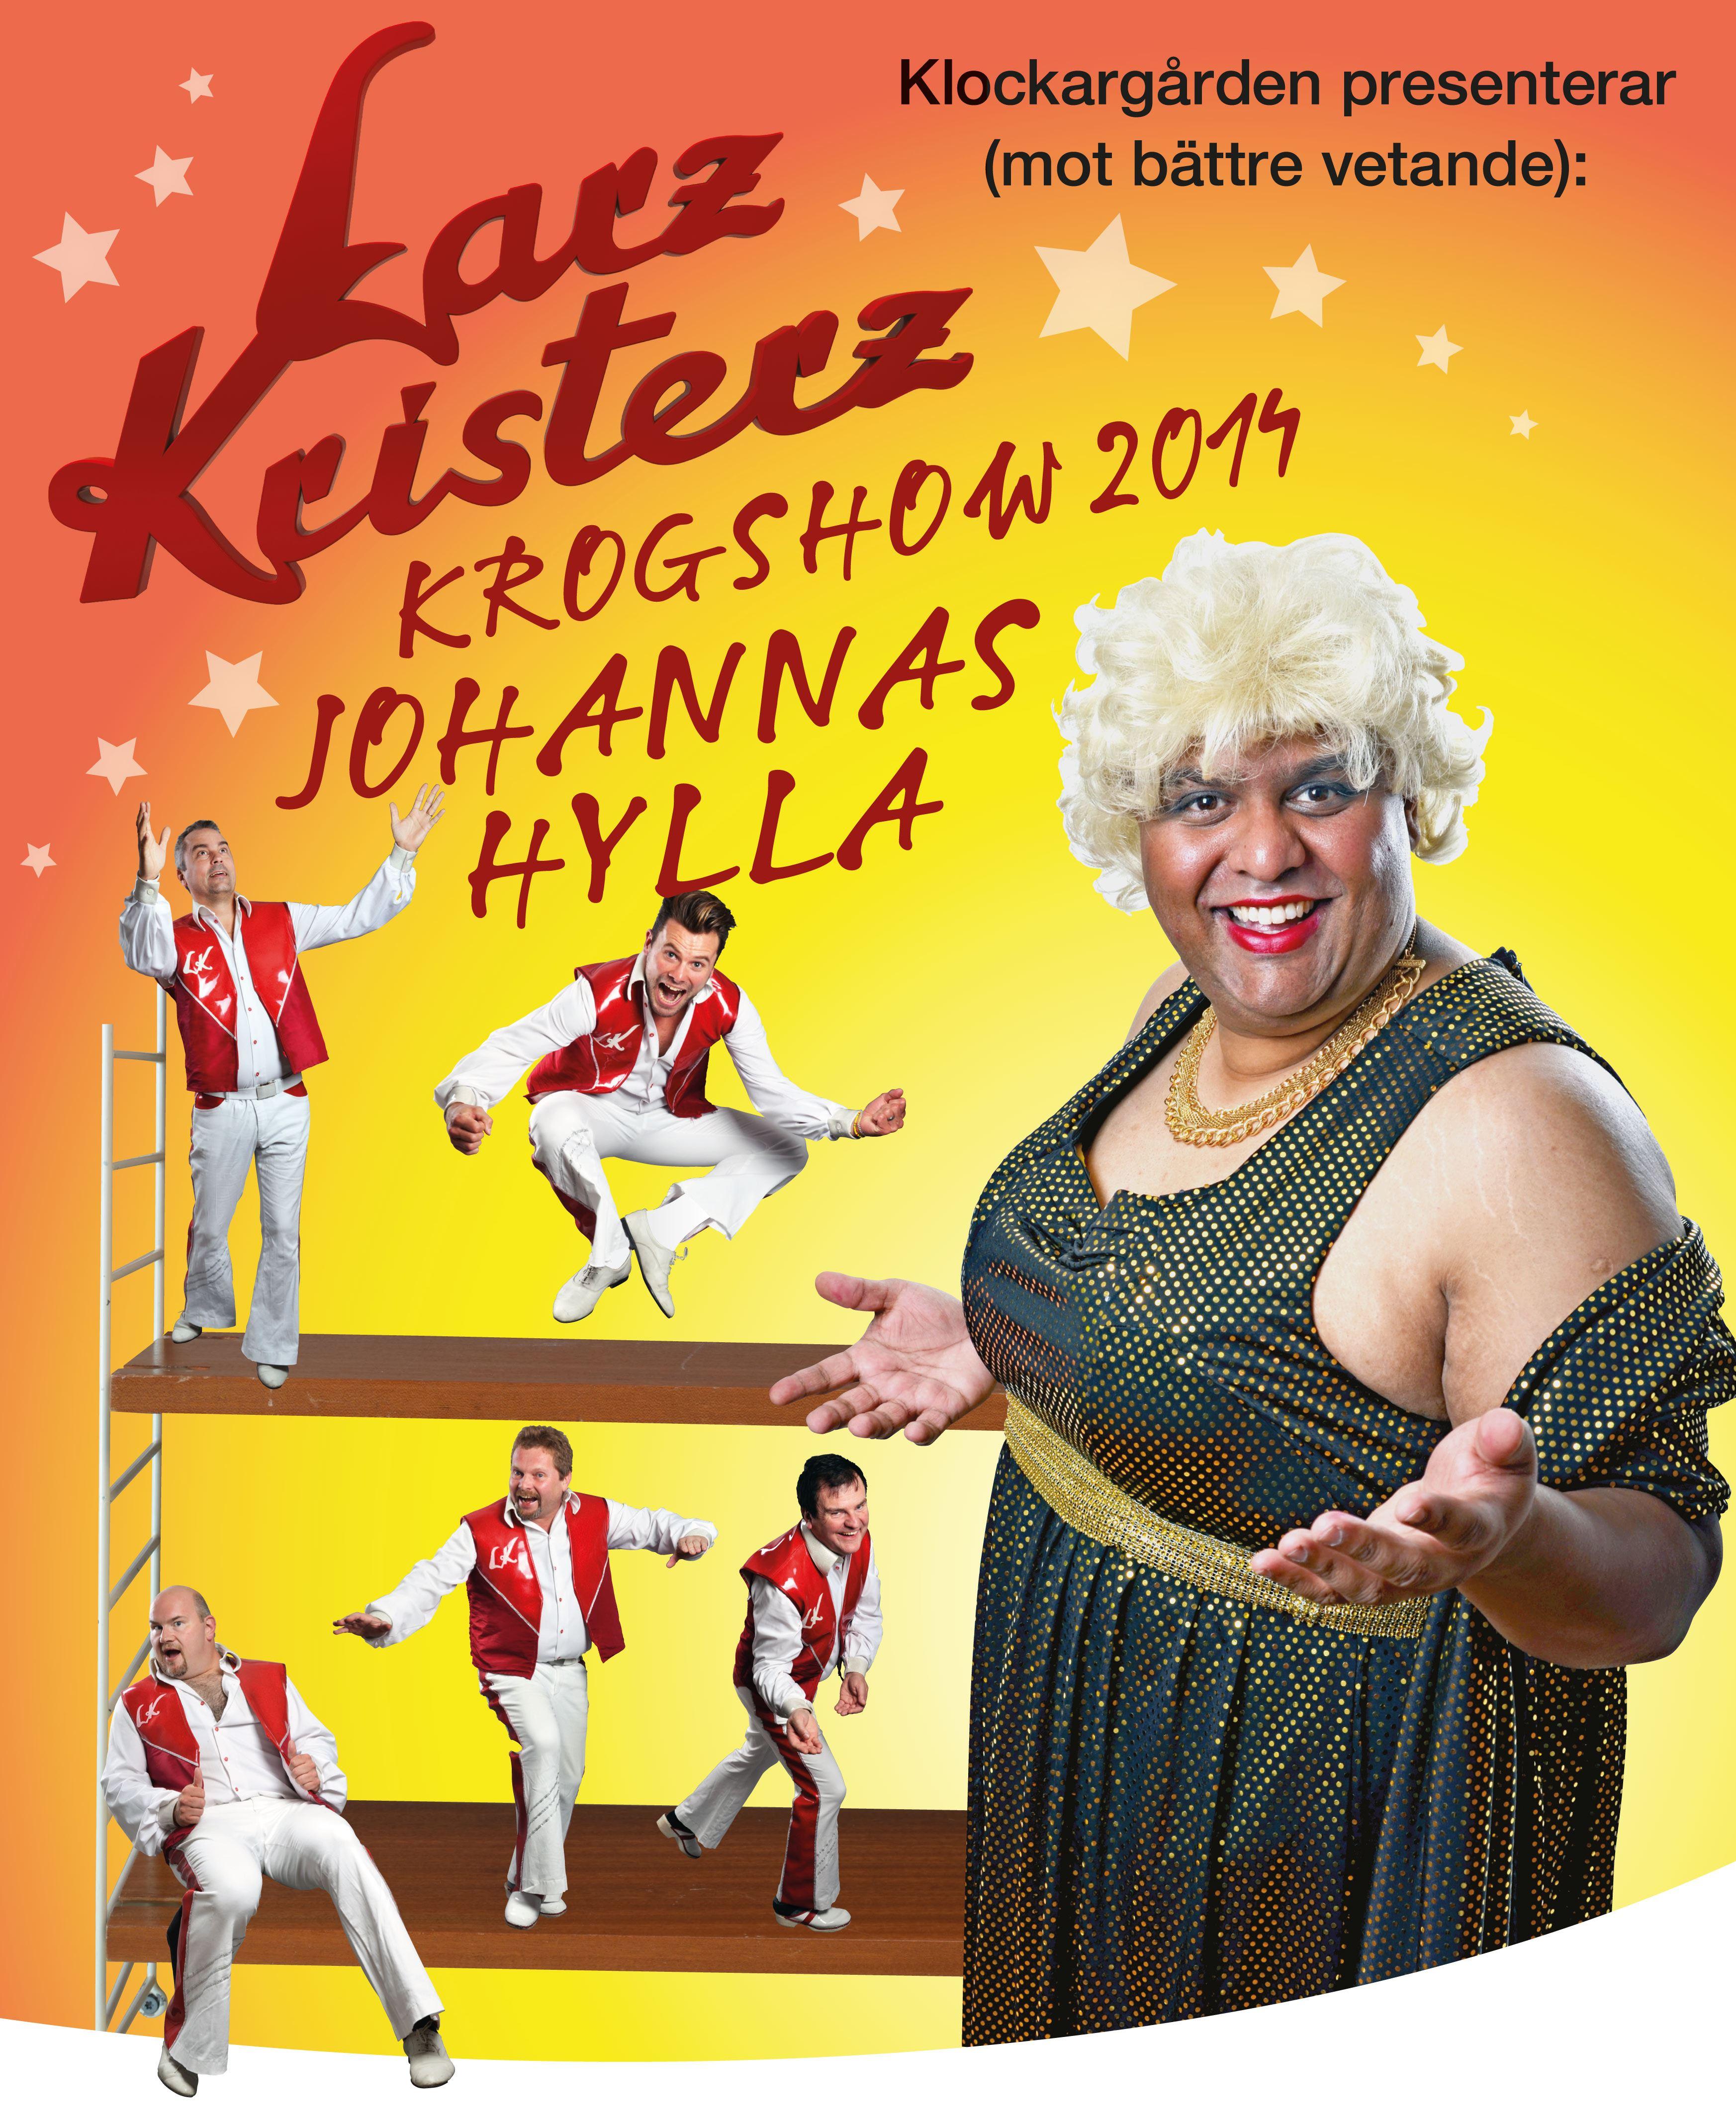 Larz Kristerz krogshow med julbord